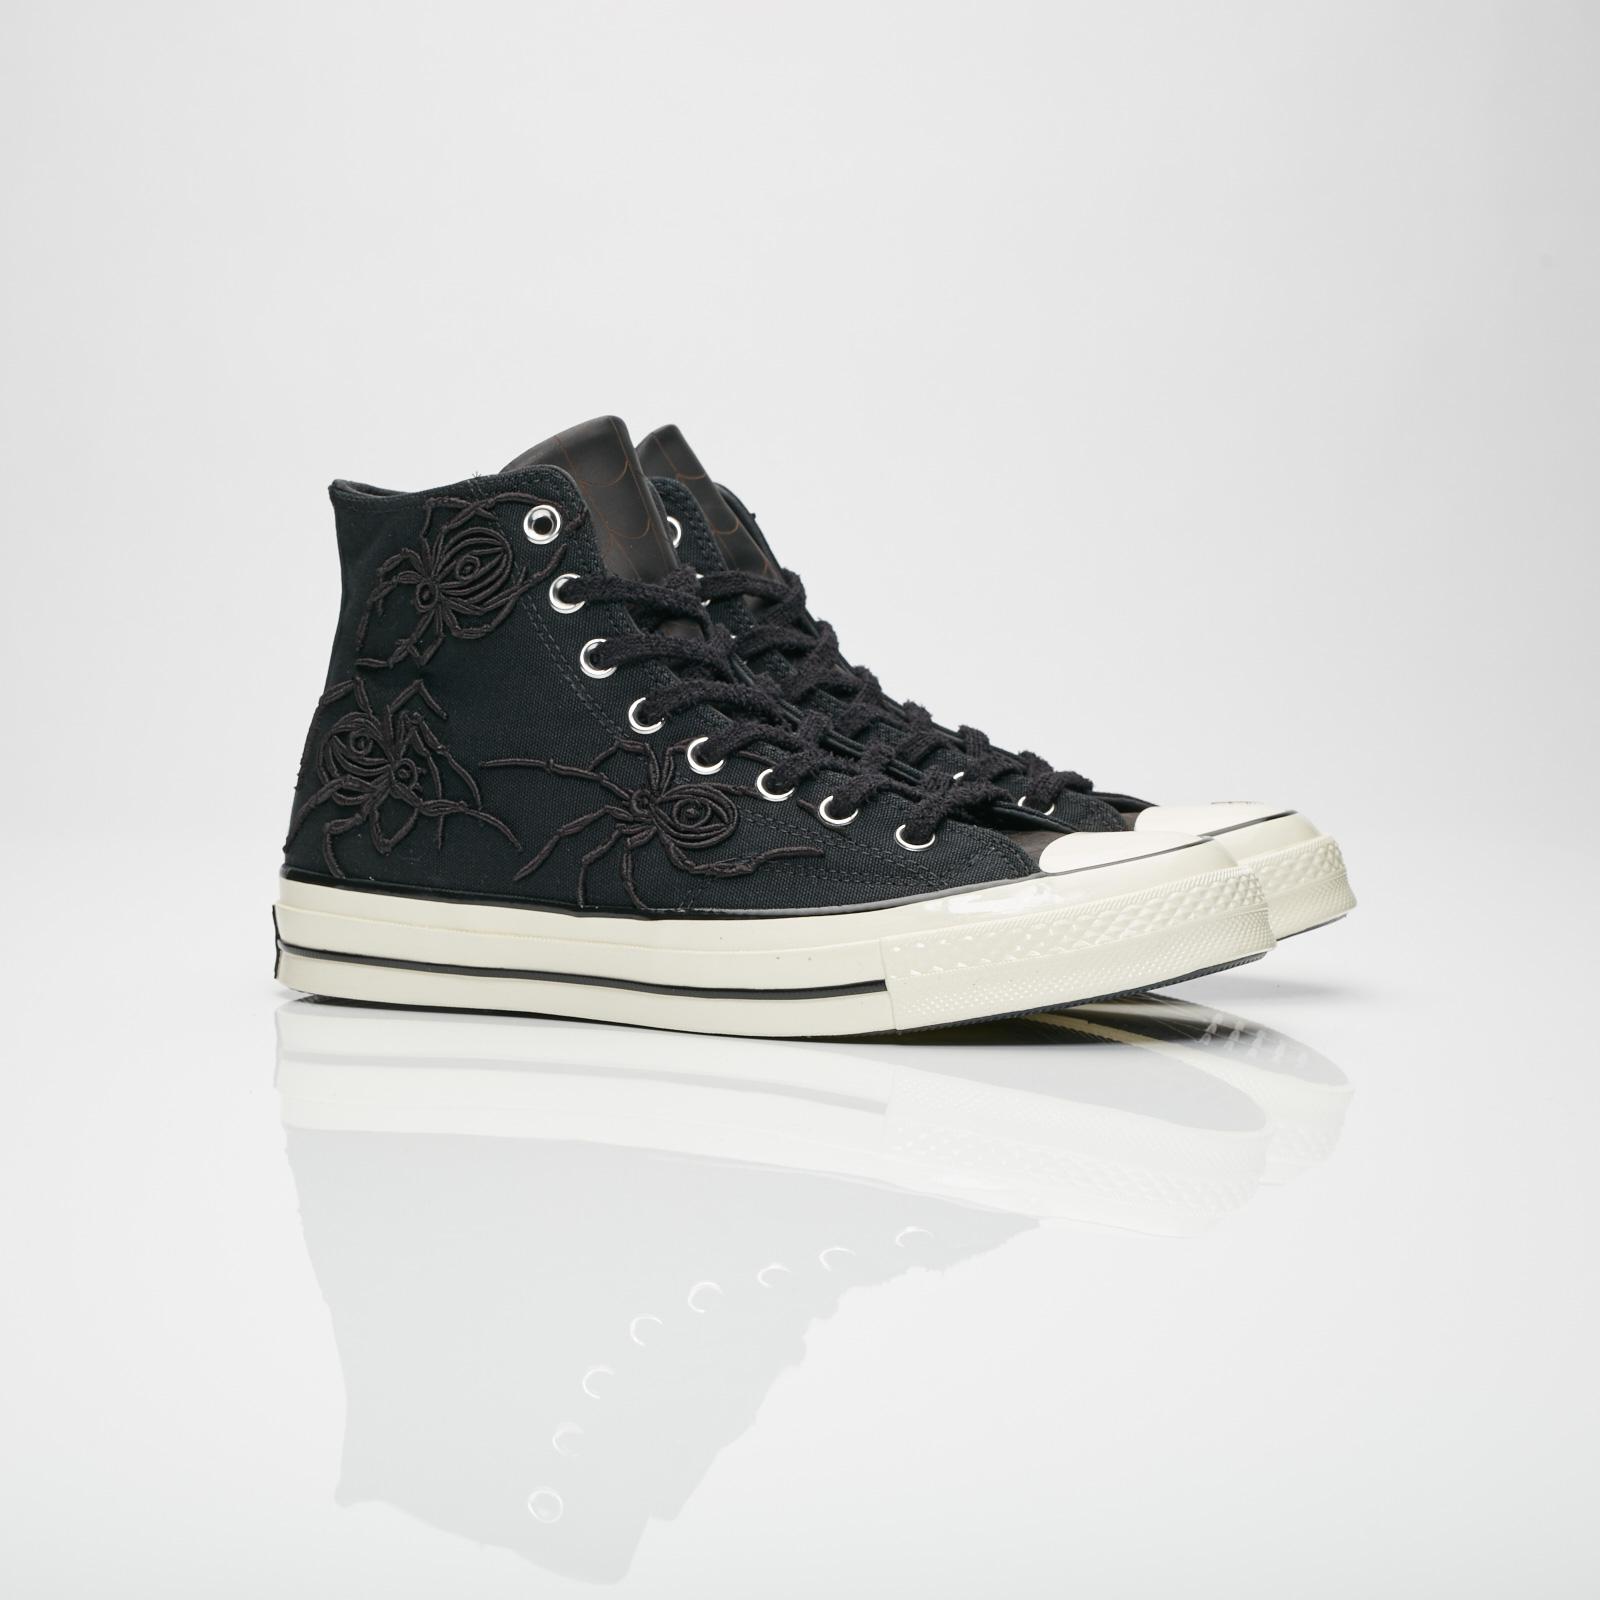 fda81b5c40ff Converse Chuck Taylor 70 Hi x Dr. Woo - 160916c - Sneakersnstuff ...